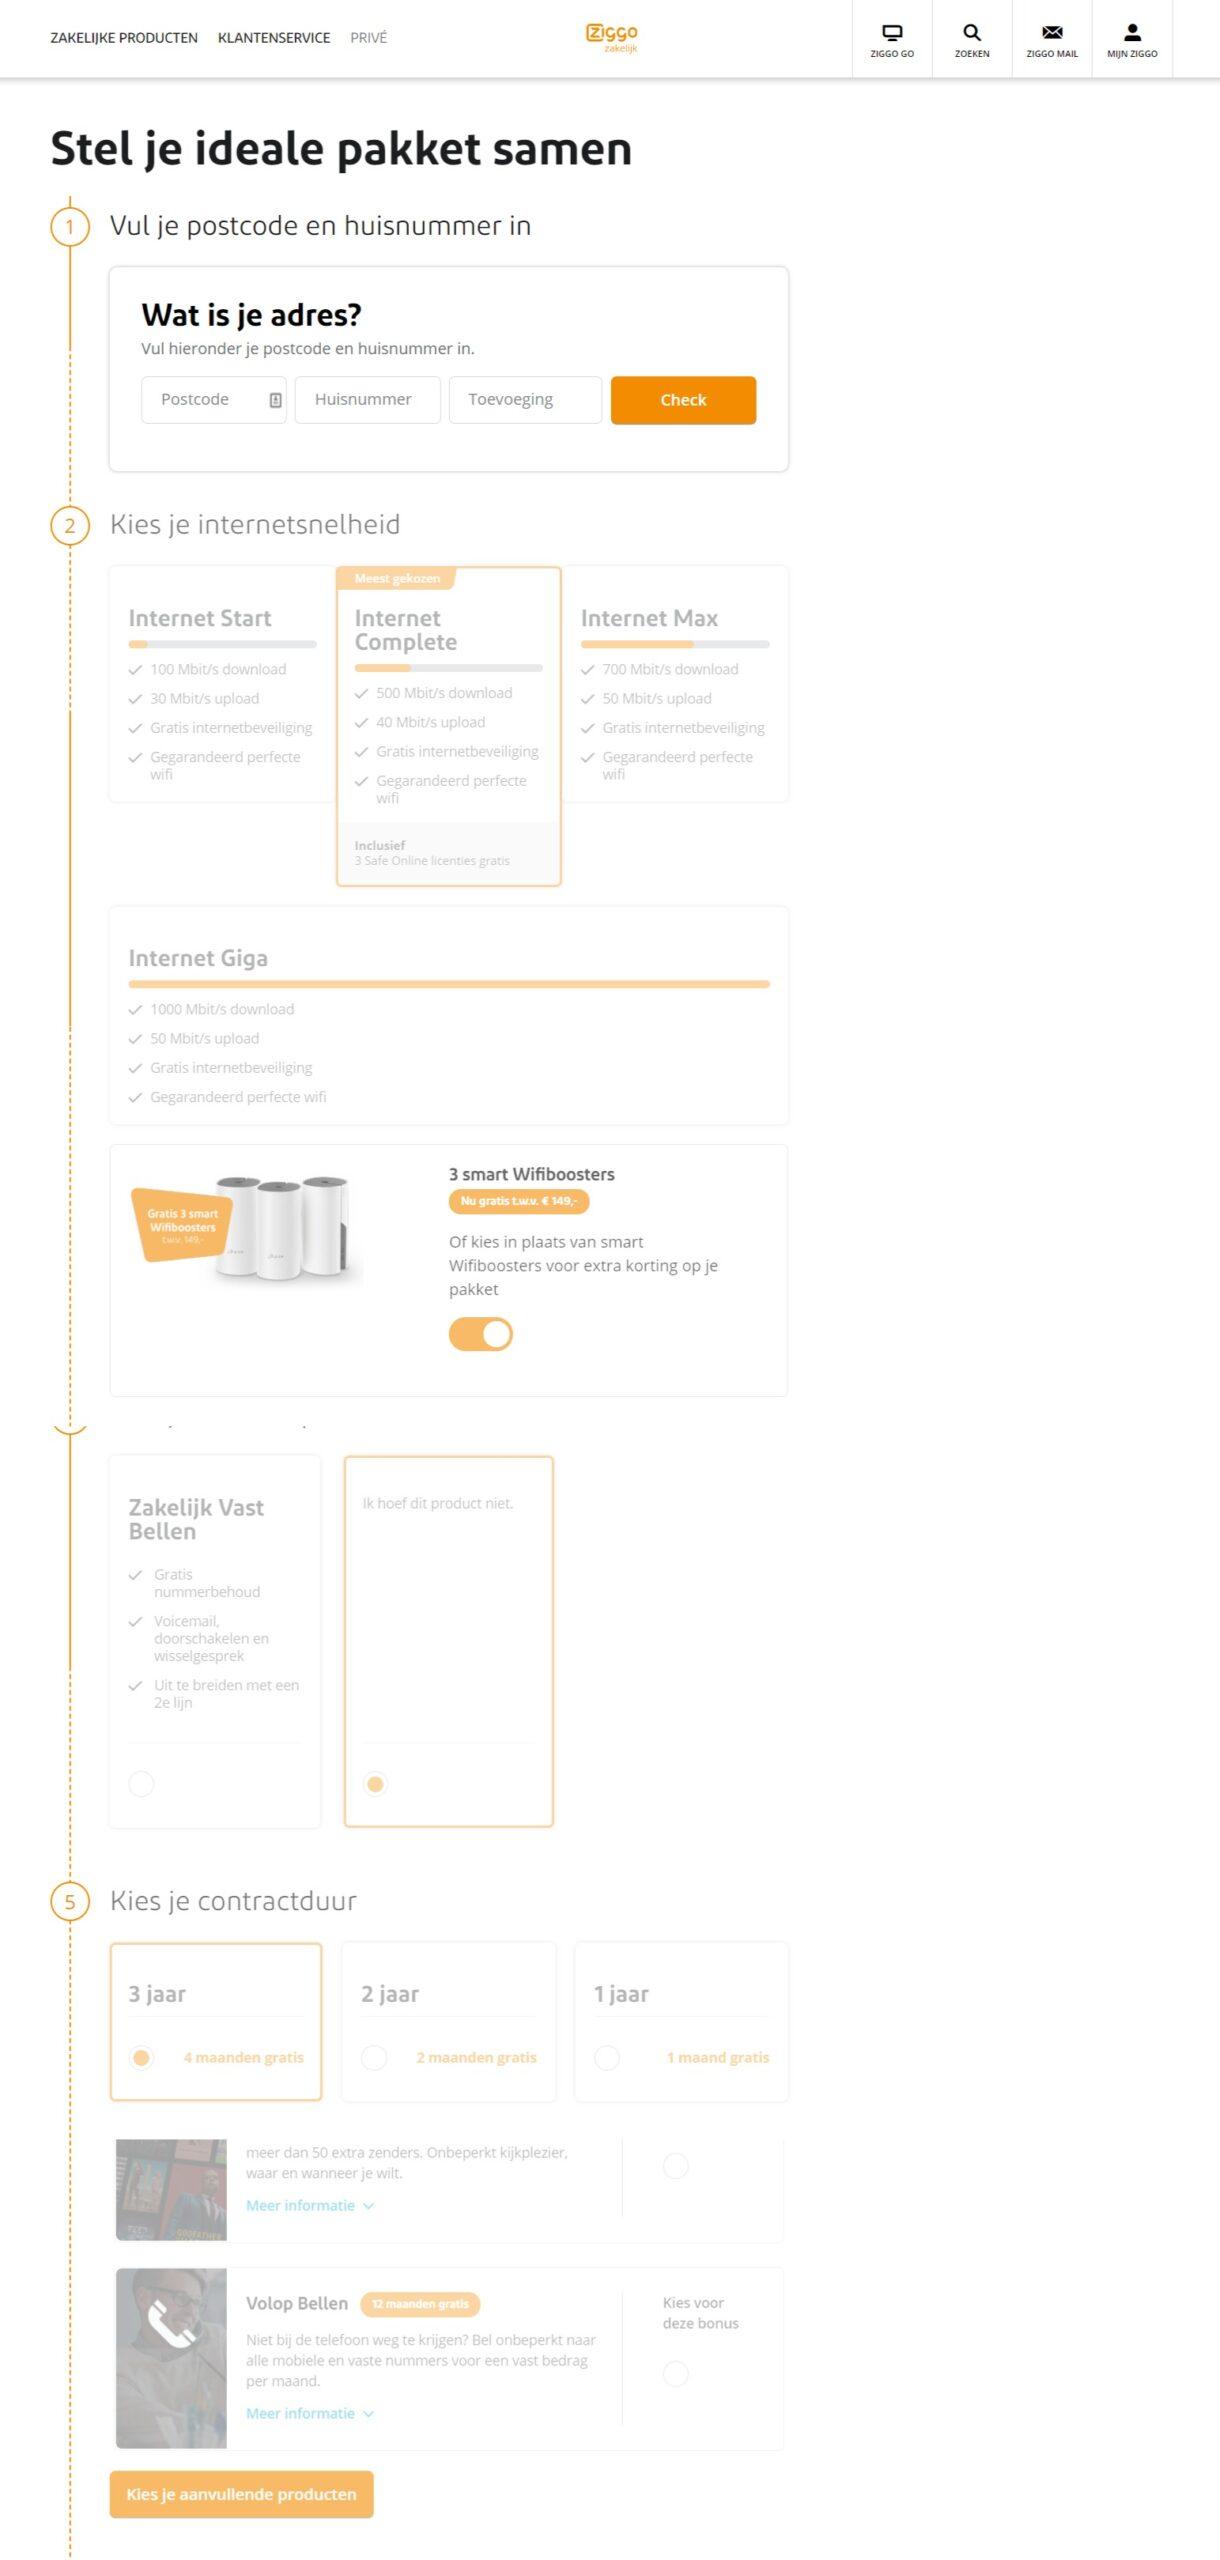 Ziggo is goed bezig met online formulieren maken. Dit is een goed voorbeeld van een duidelijk, gebruiksvriendelijk formulier,